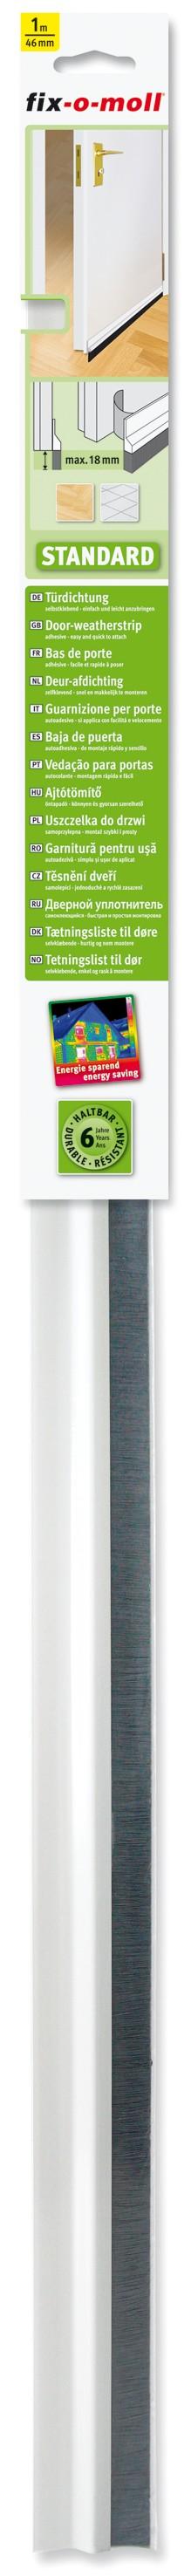 Türdichtung Standard fix-o-moll mit Bürste, Weiß, 1m x 46mm